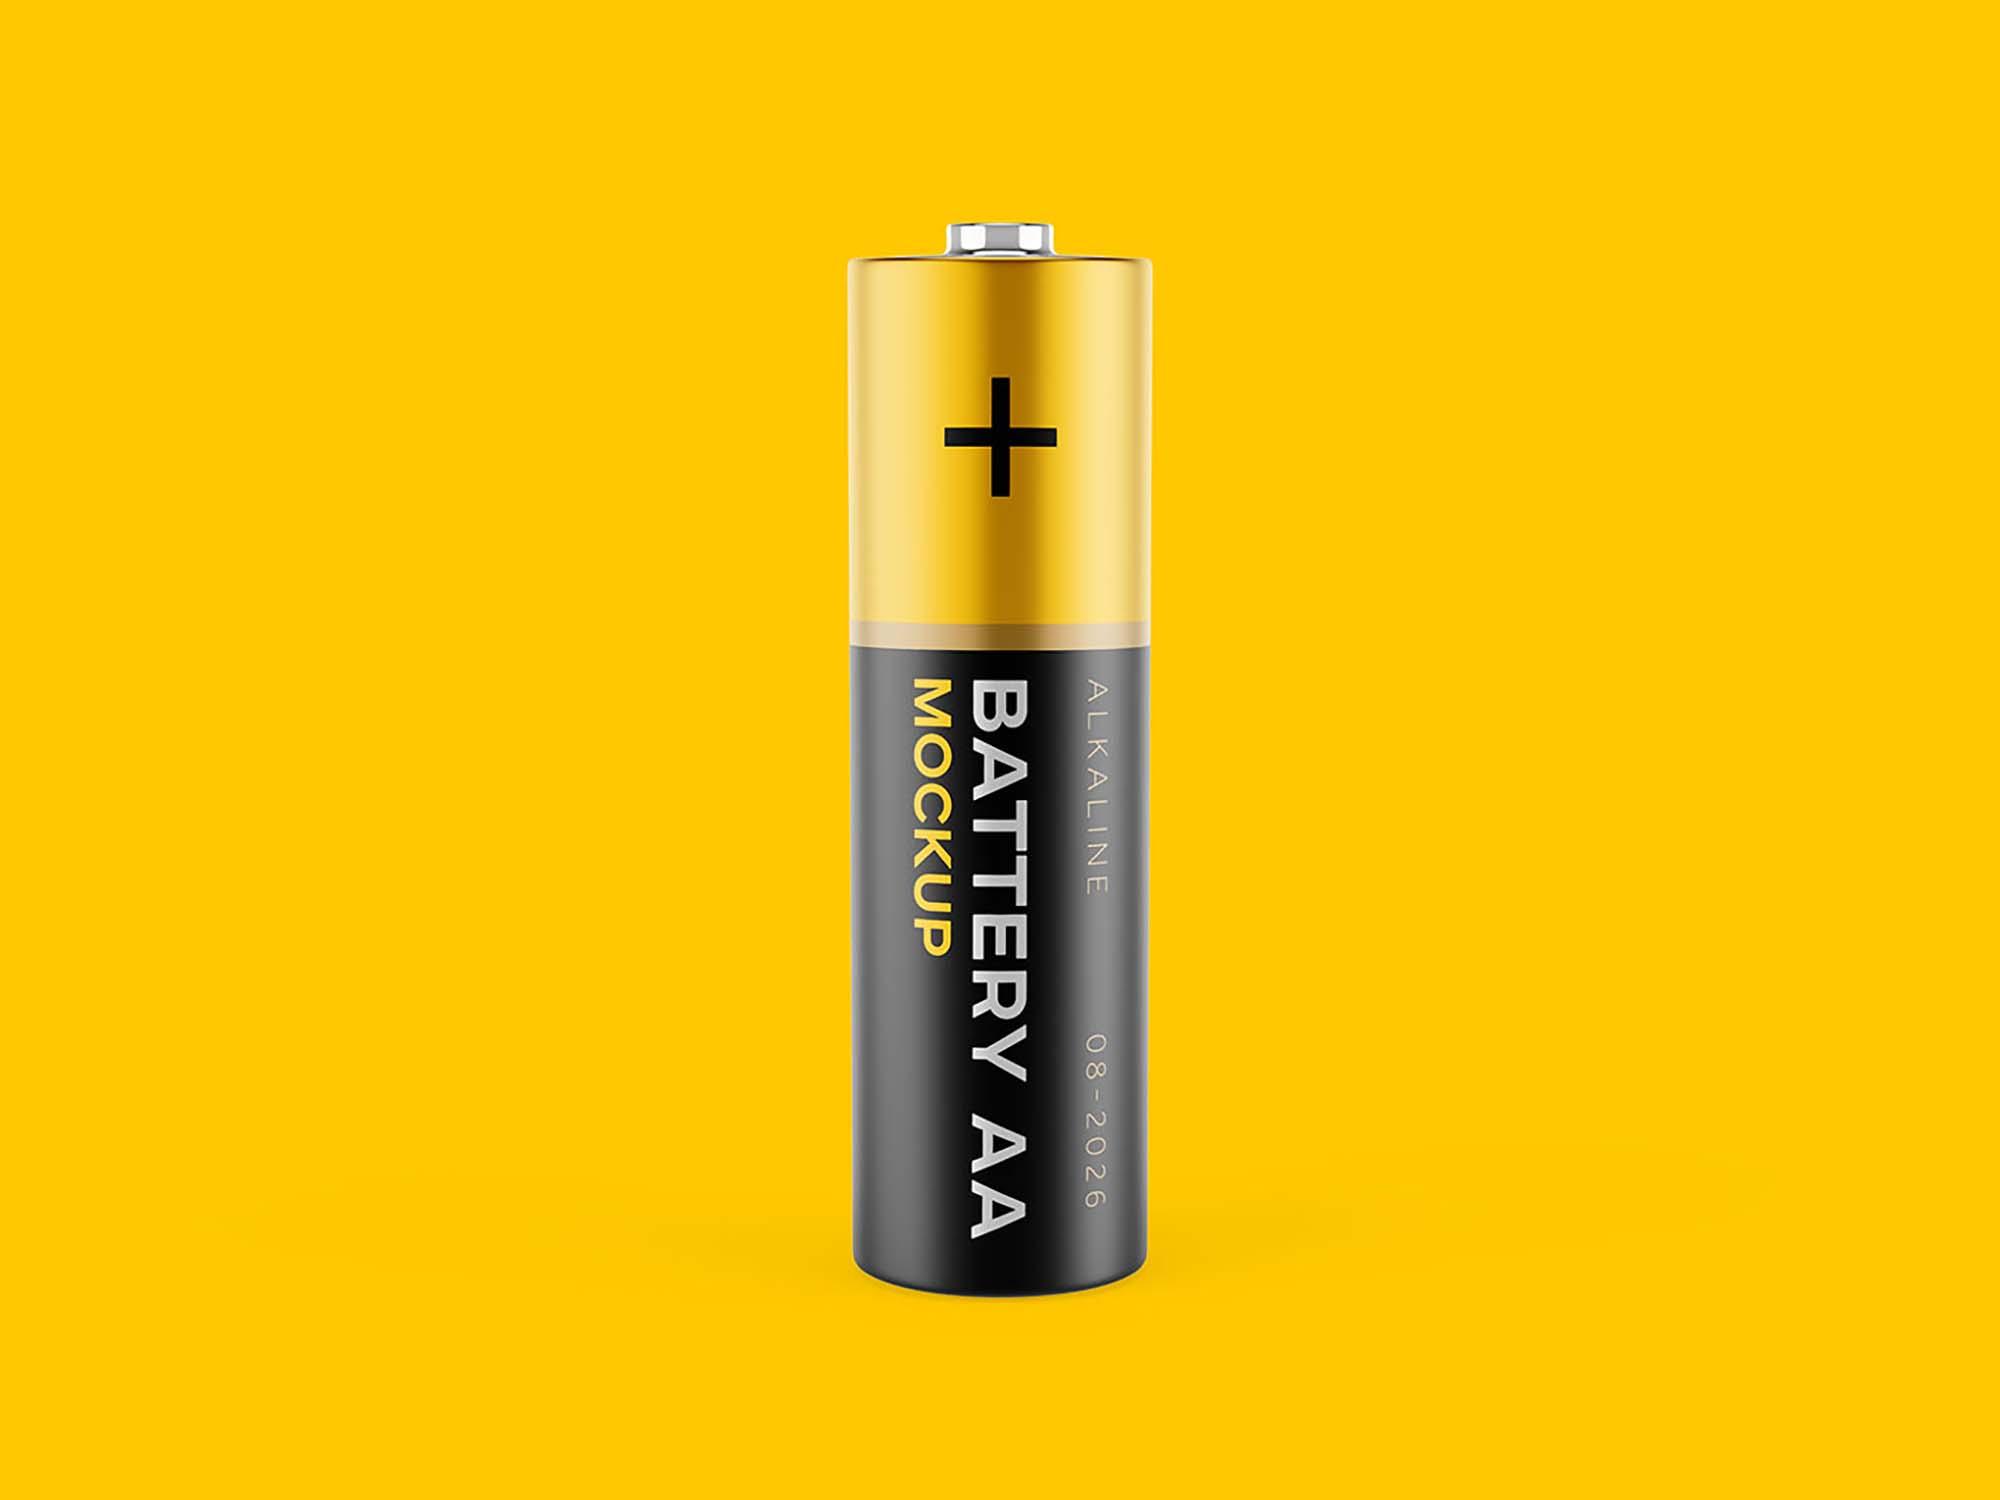 AA Battery Mockup 3